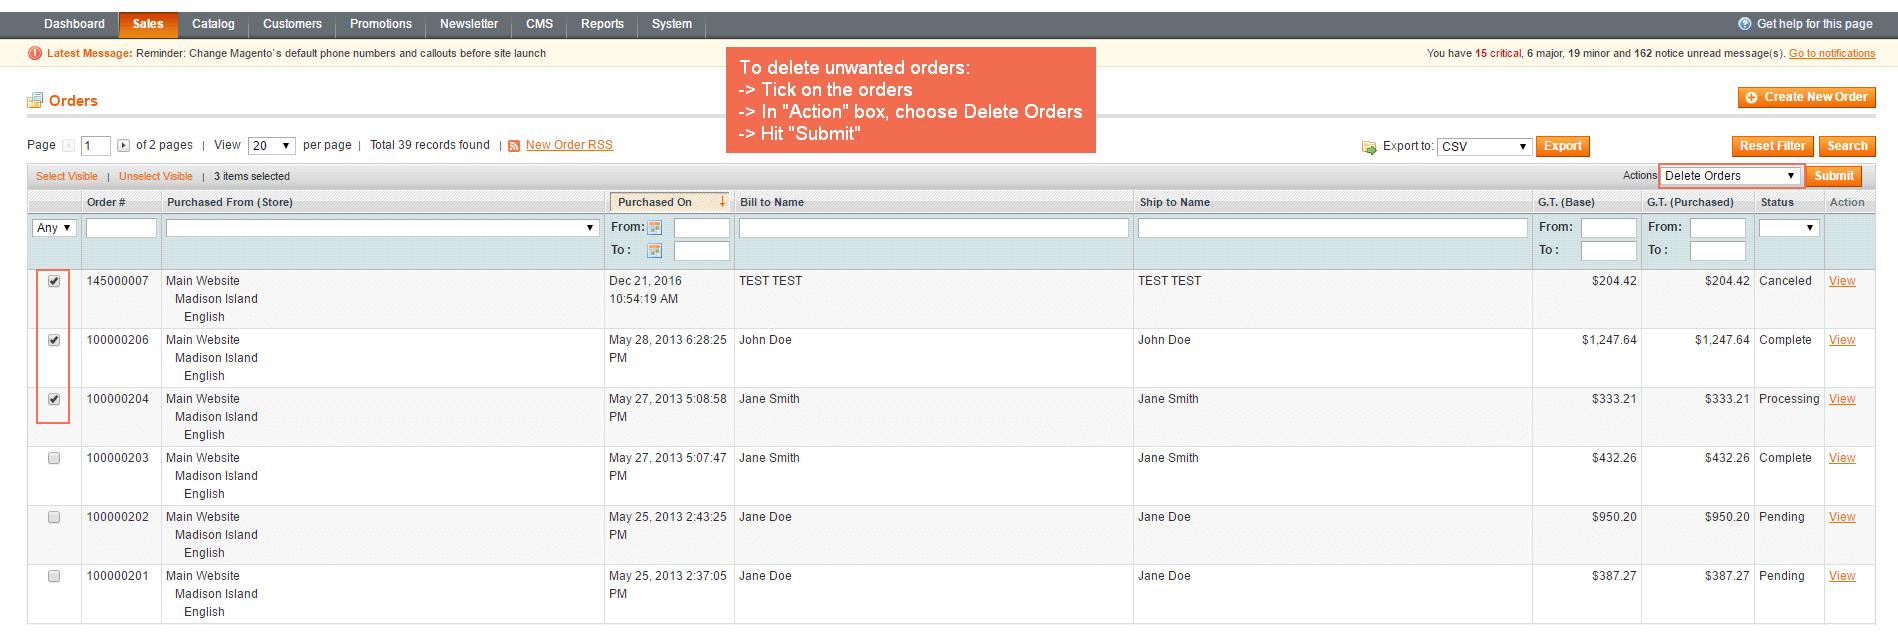 magento-delete-orders